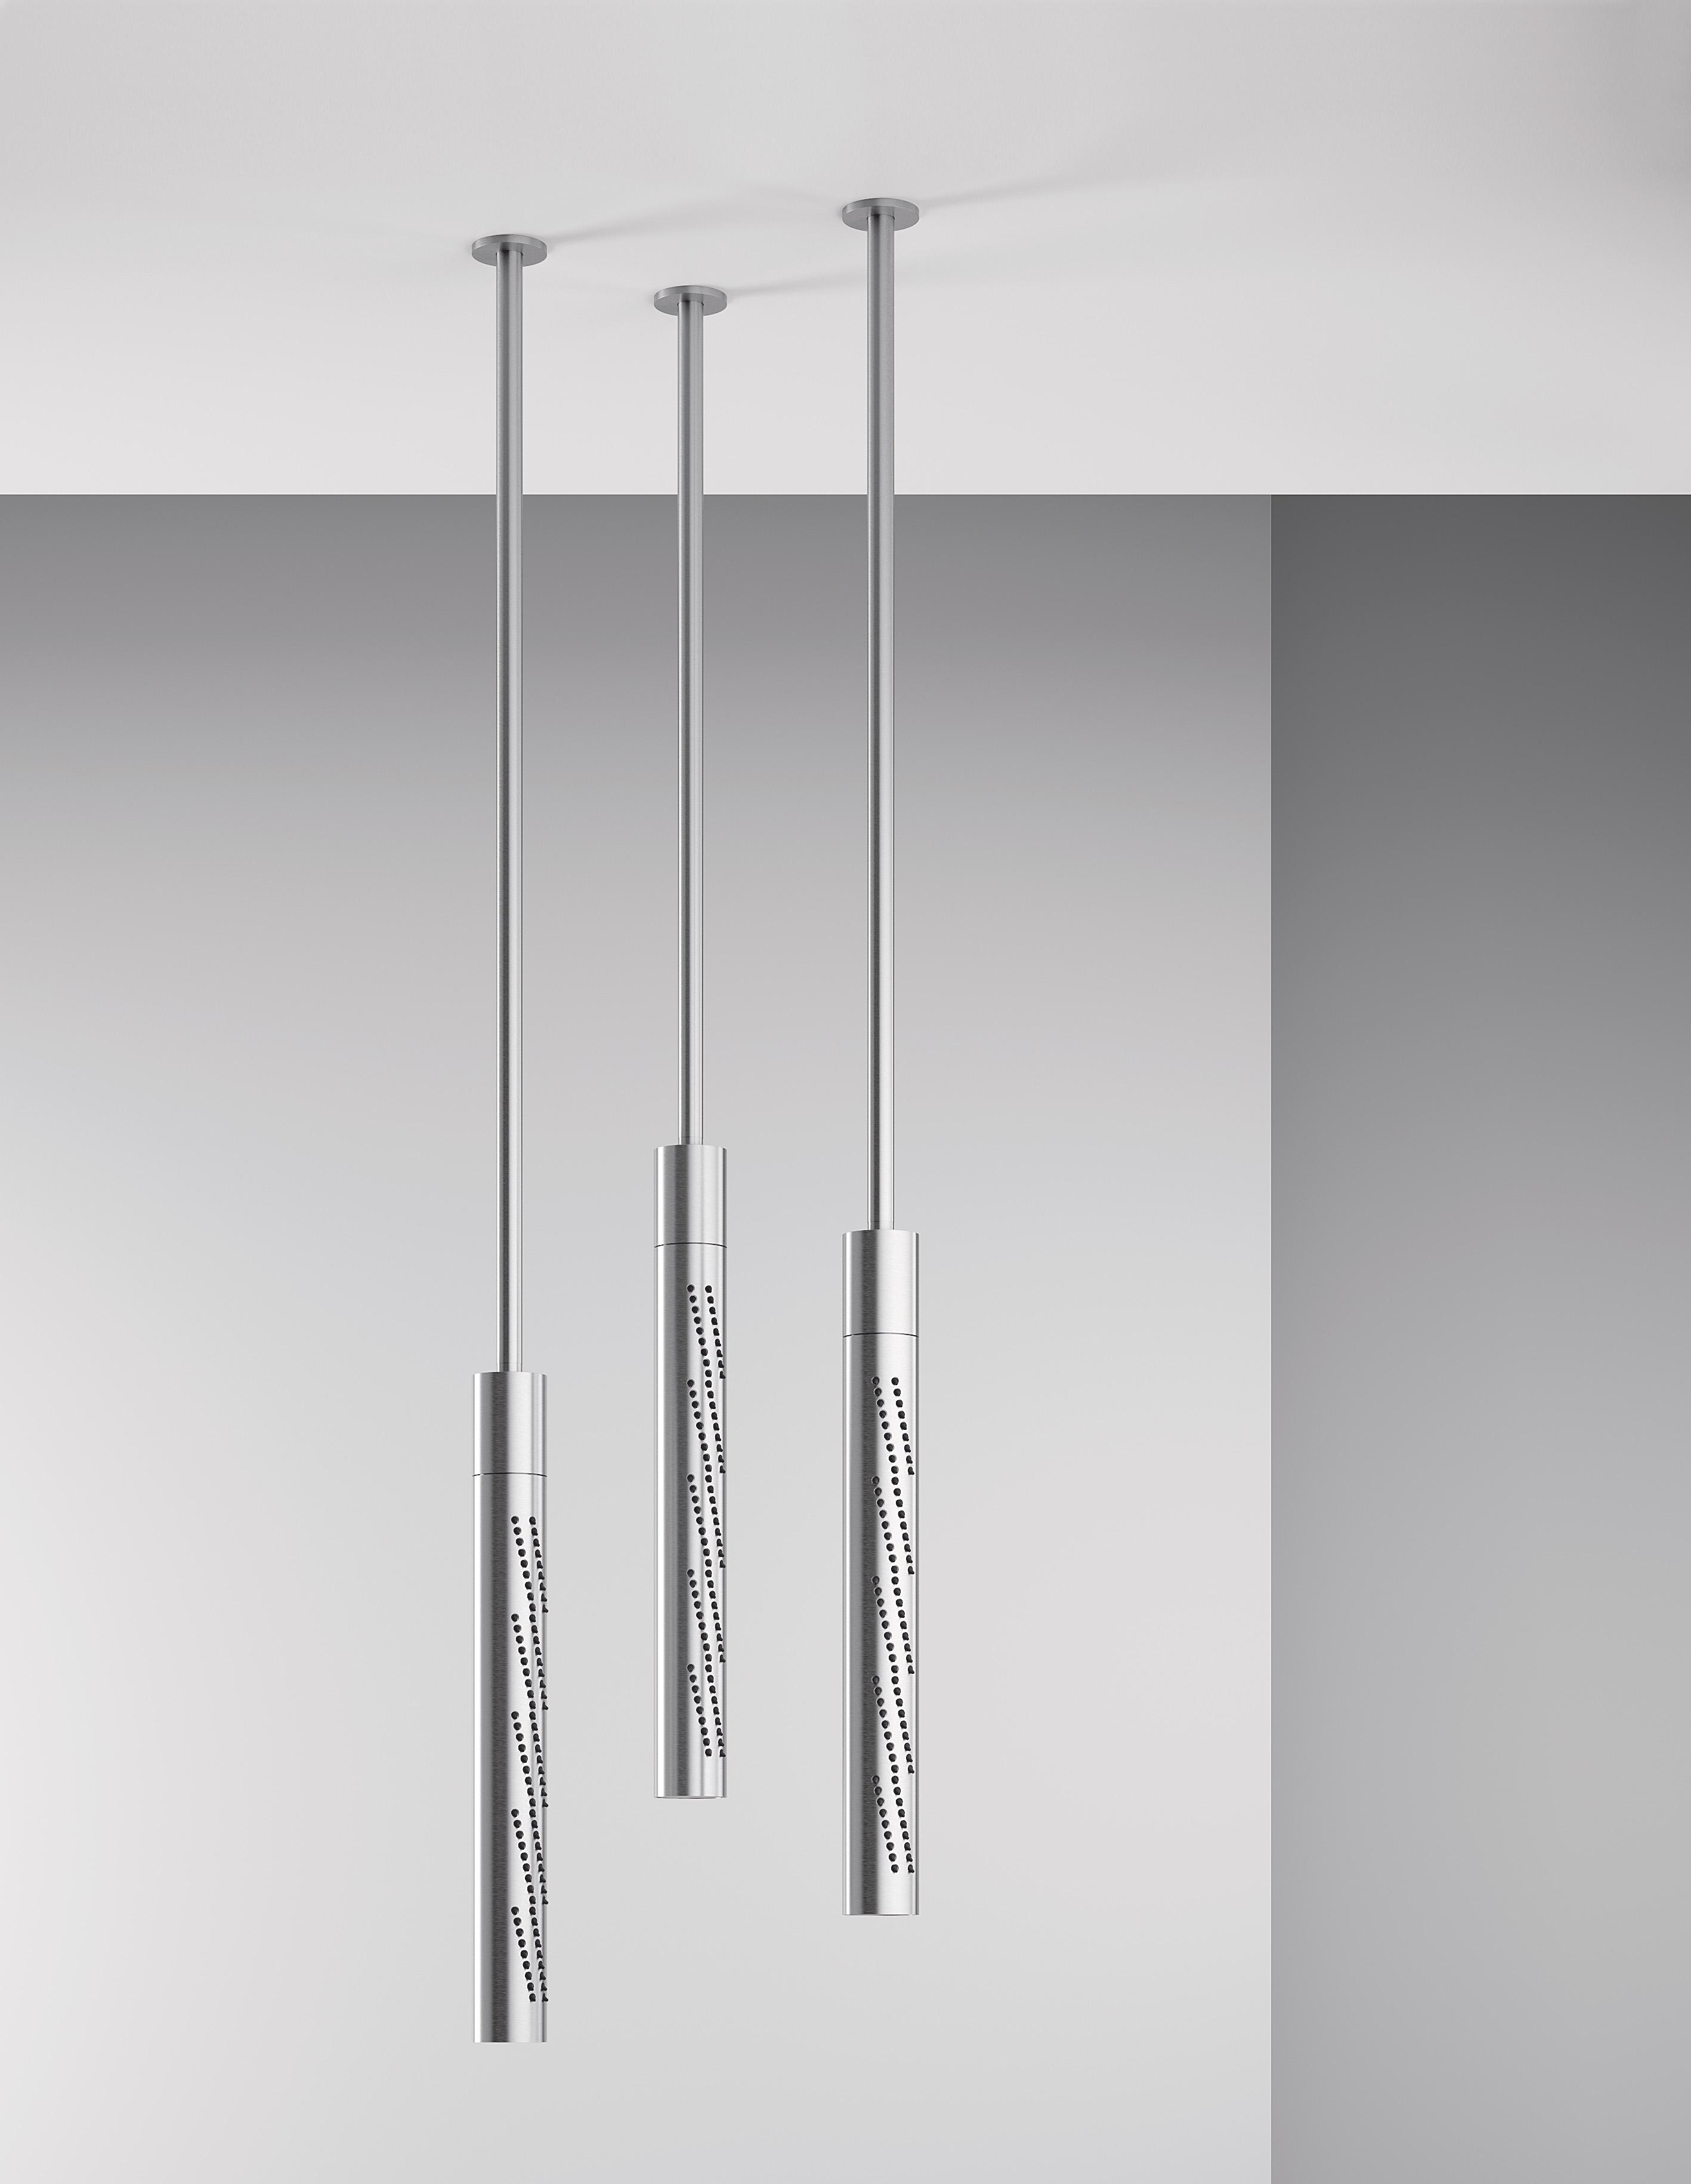 PREVIEW SALONE DEL MOBILE 2018 Z316 – Gli innovativi soffioni doccia tubolari – Design Roberto Innocenti